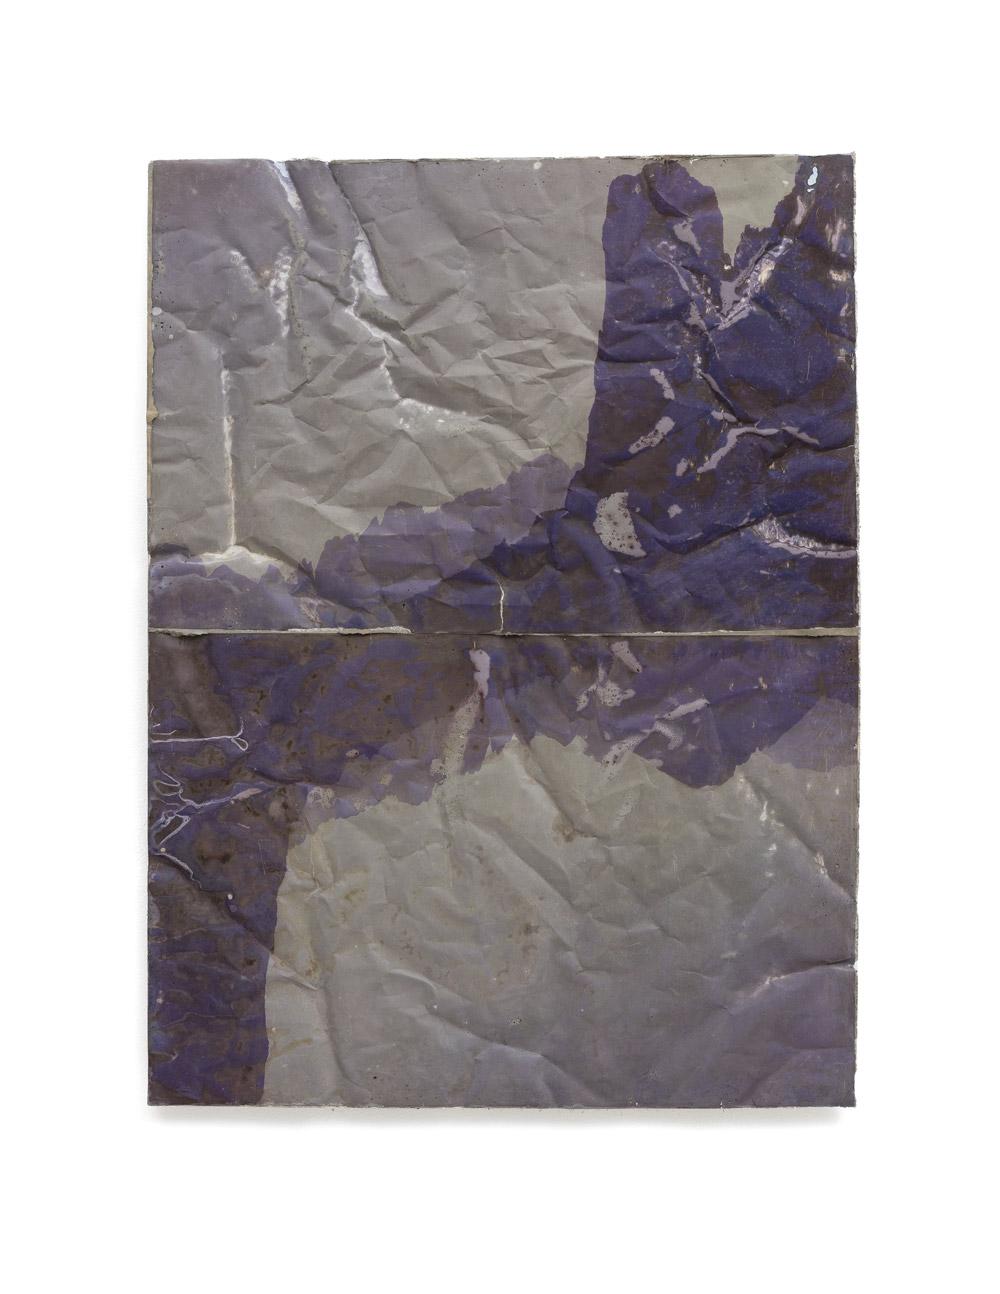 Anne Lina Billinger ZORRO 2018 Beton 100 × 75 cm 2